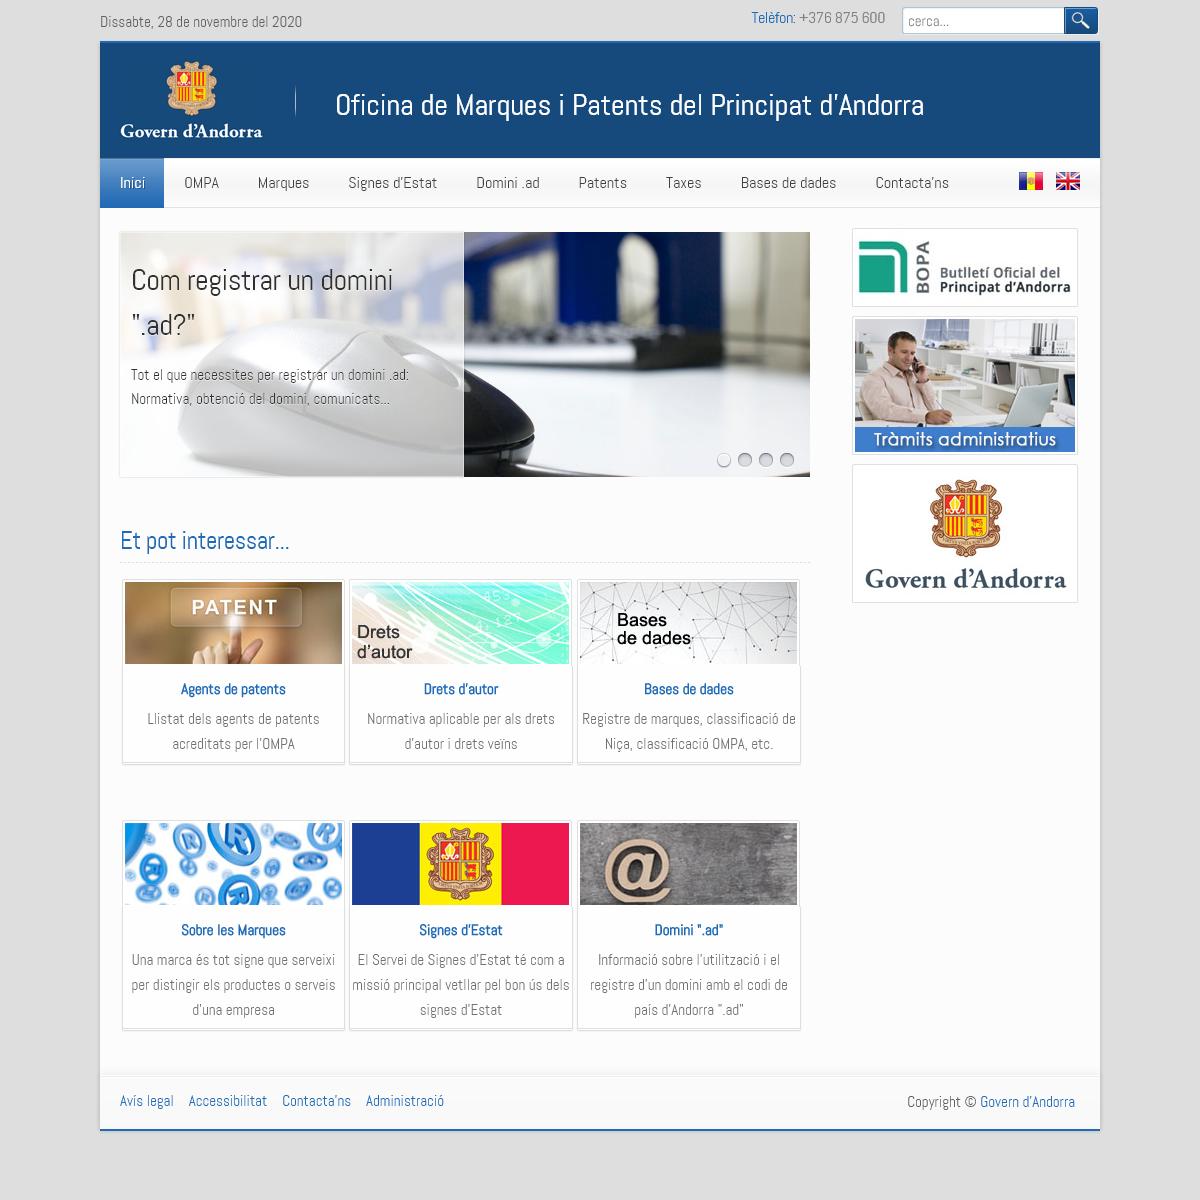 OMPA - Oficina de Marques i Patents del Principat d`Andorra